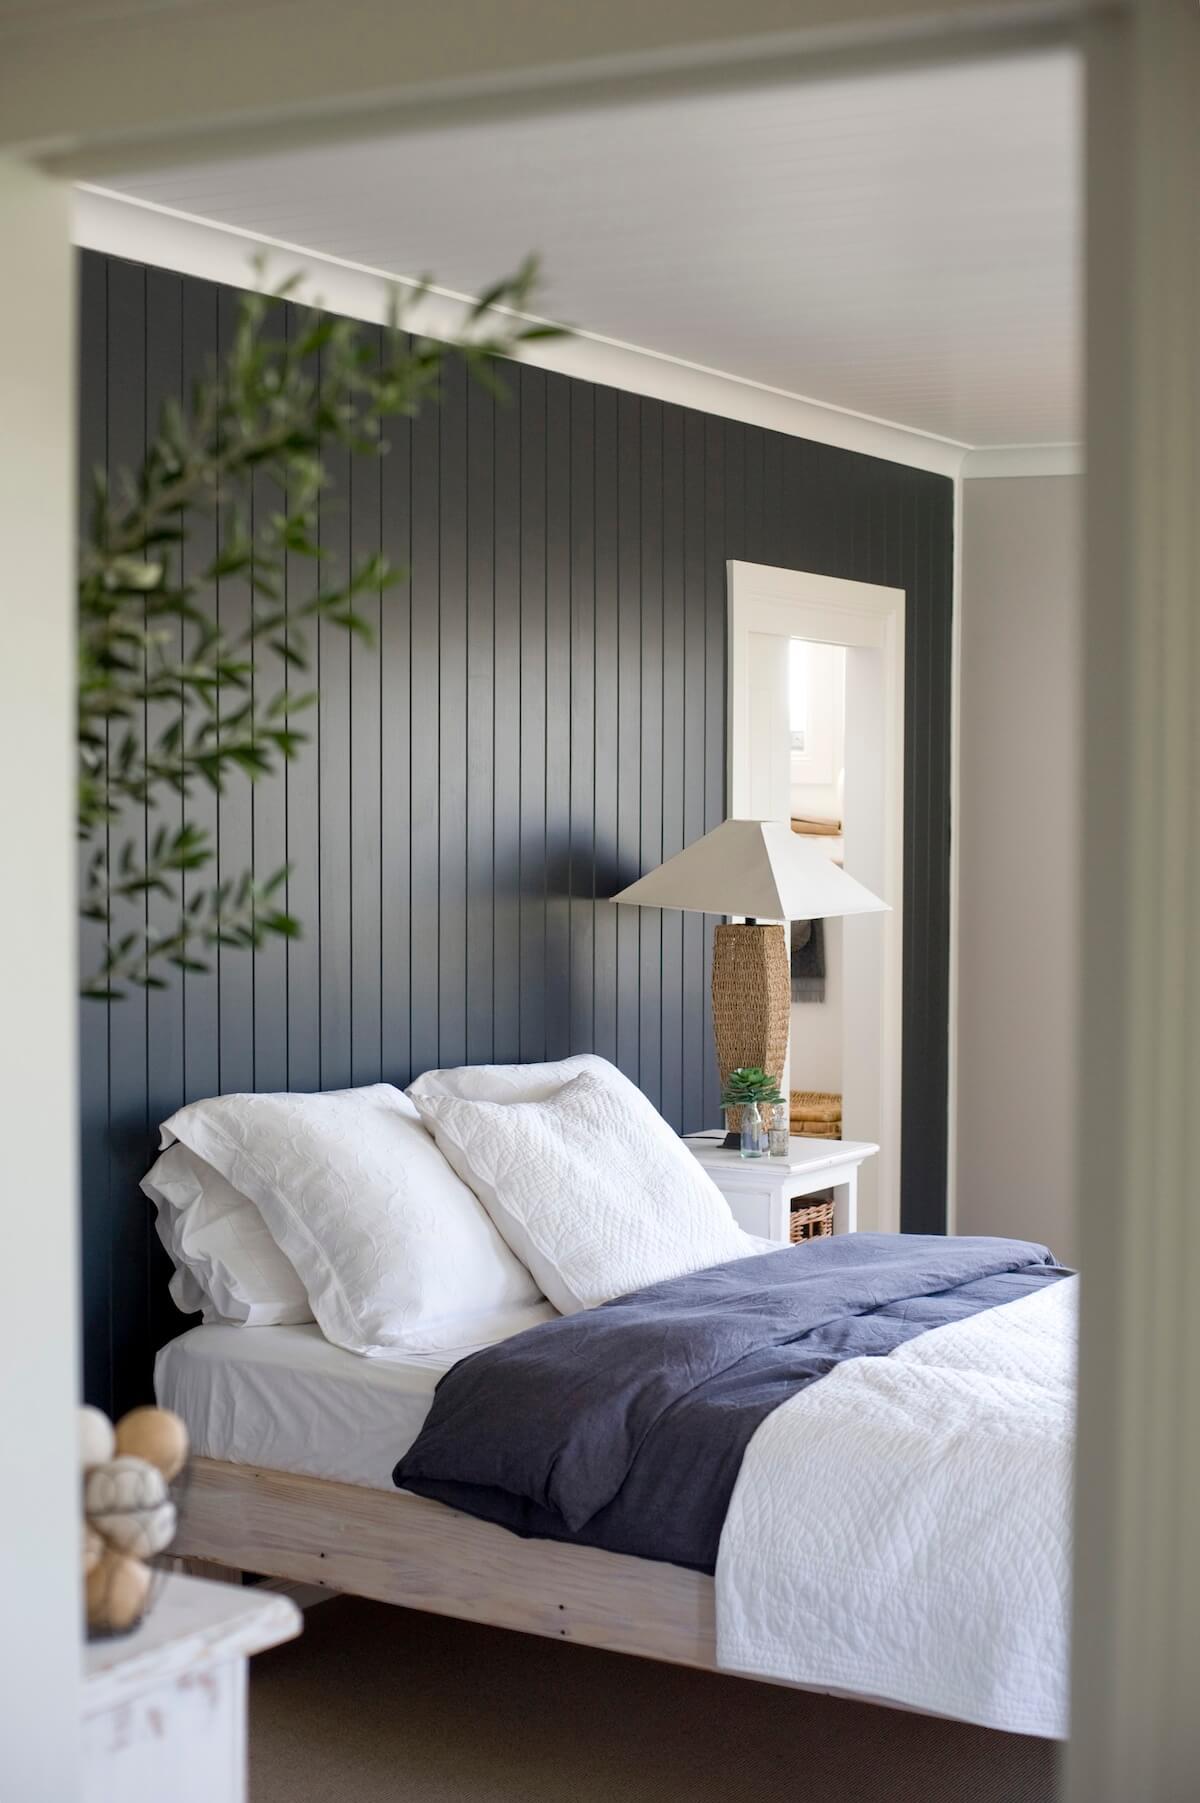 Mur en bois de lignes verticales